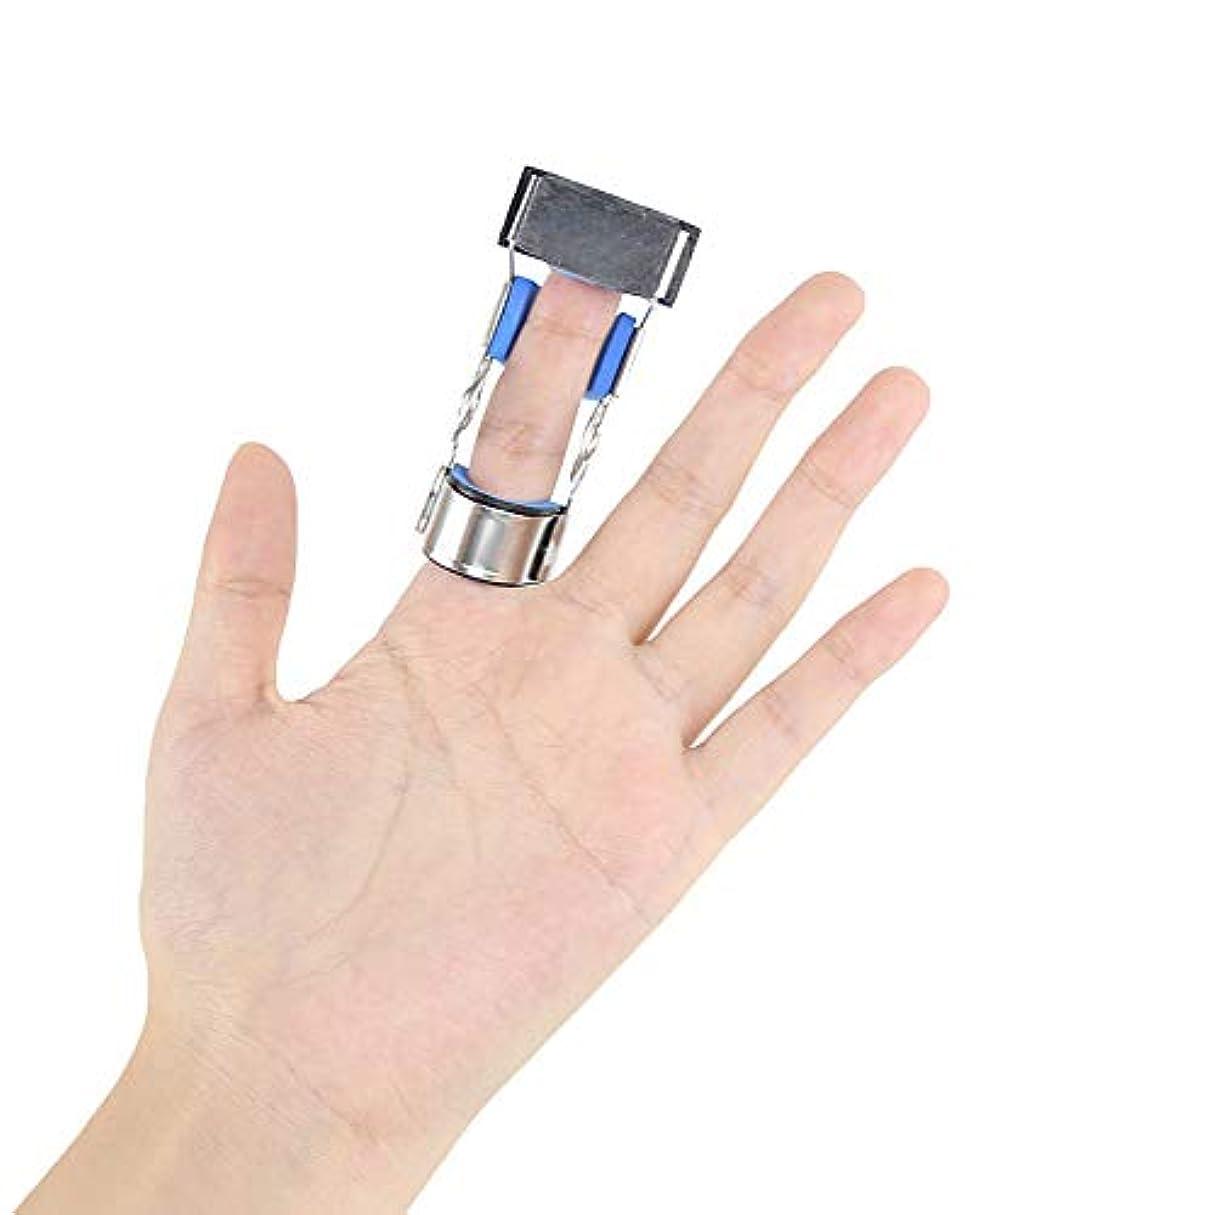 遅いギャングスター探す指関節装具けいれん装具骨折固定スプリント痛風関節矯正運動指ラップ矯正湾曲,L